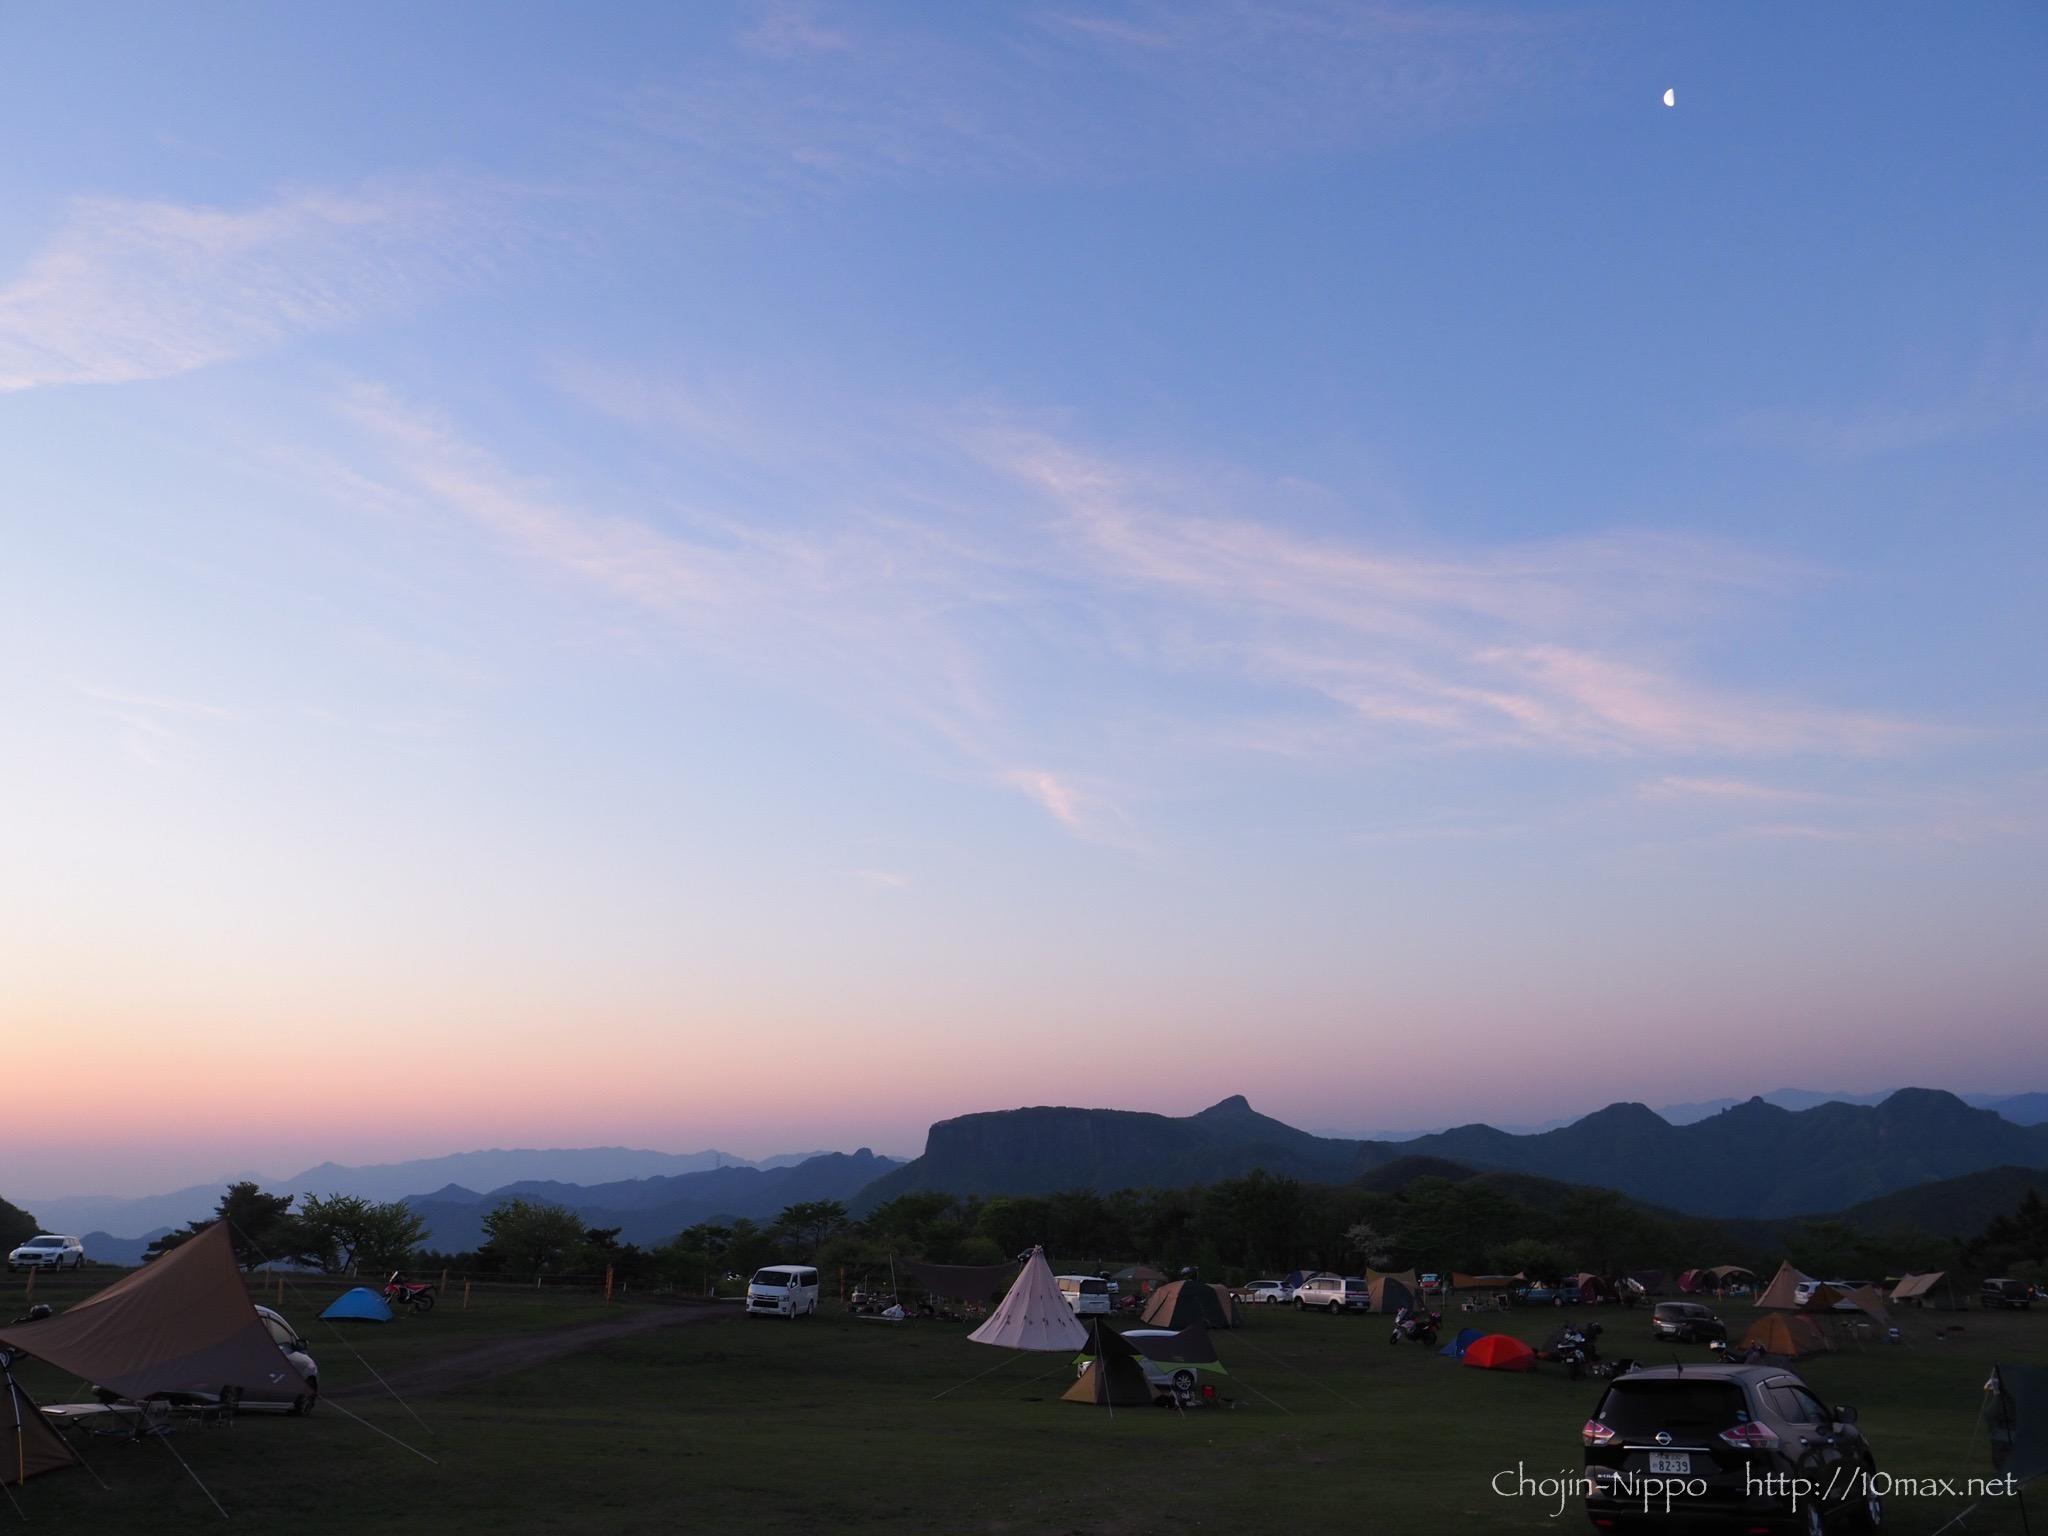 内山牧場キャンプ場 荒船山